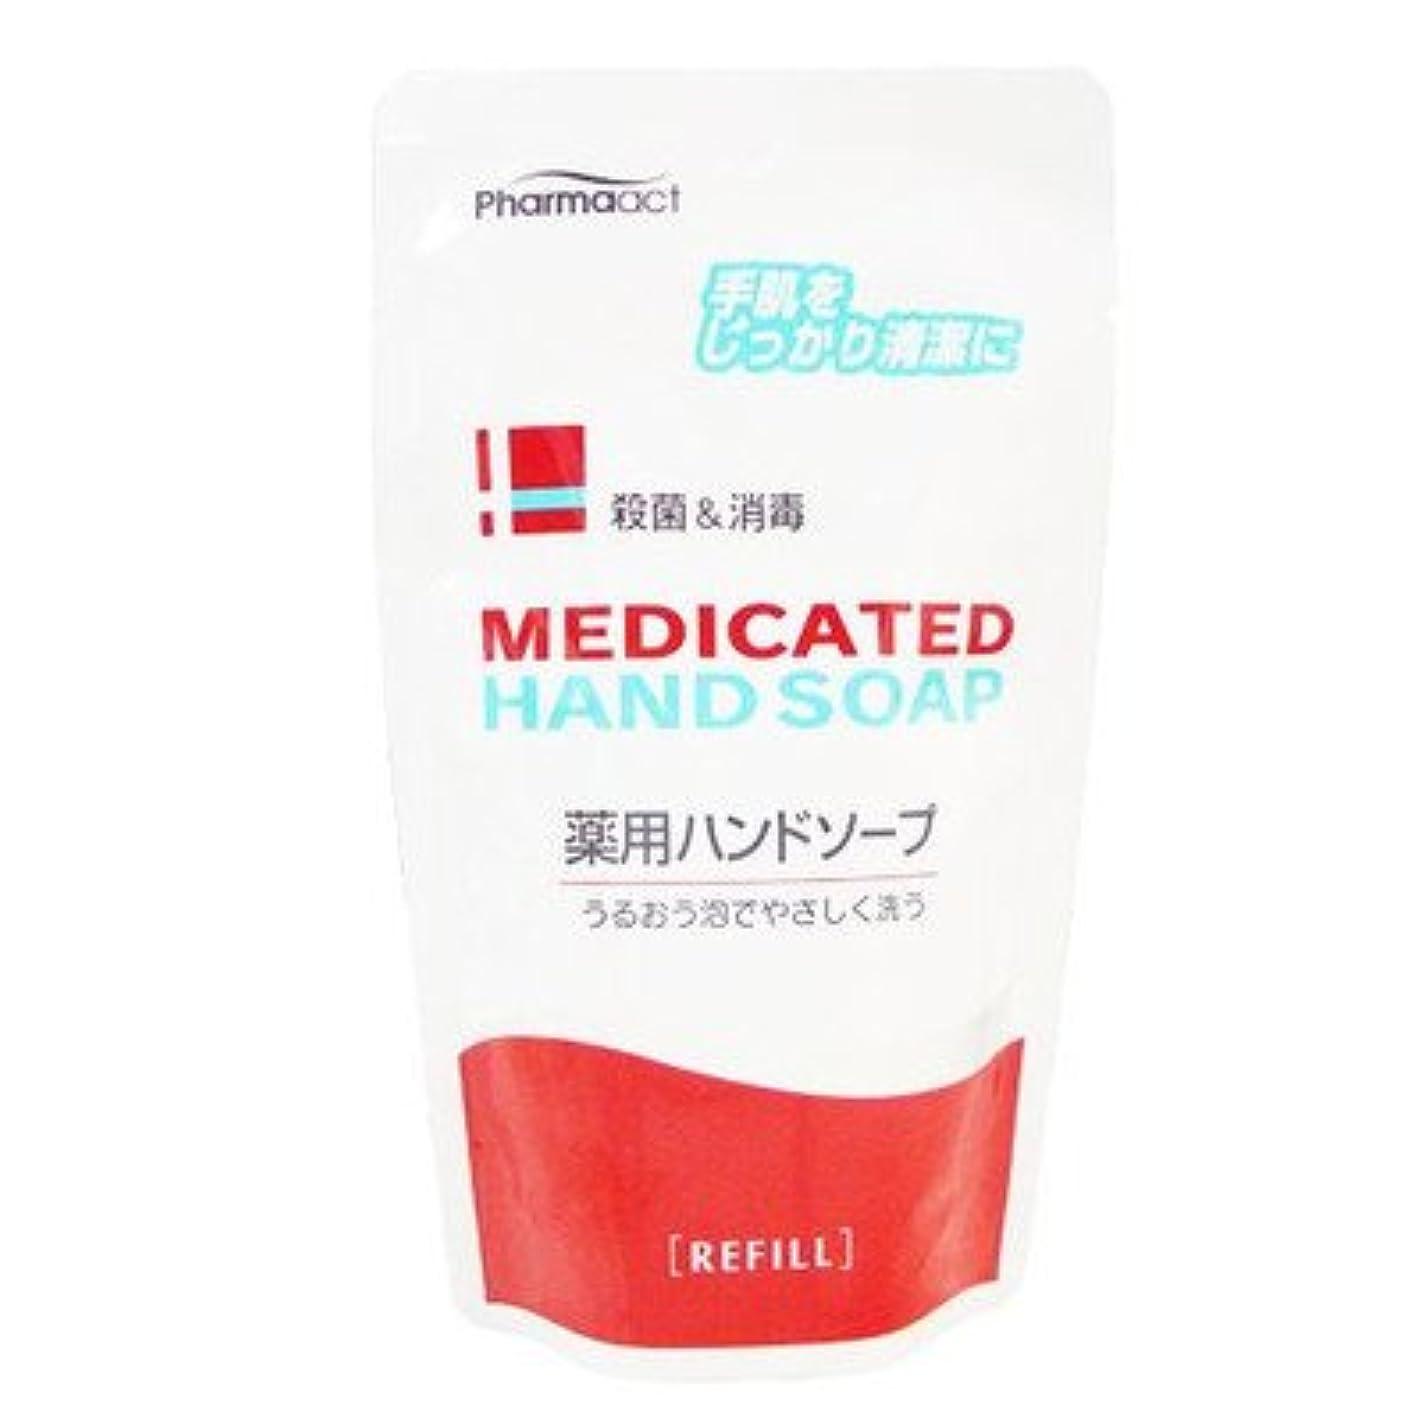 ローブ最も早いより平らなMedicated 薬用ハンドソープ 殺菌+消毒 200ml【つめかえ用】(医薬部外品)